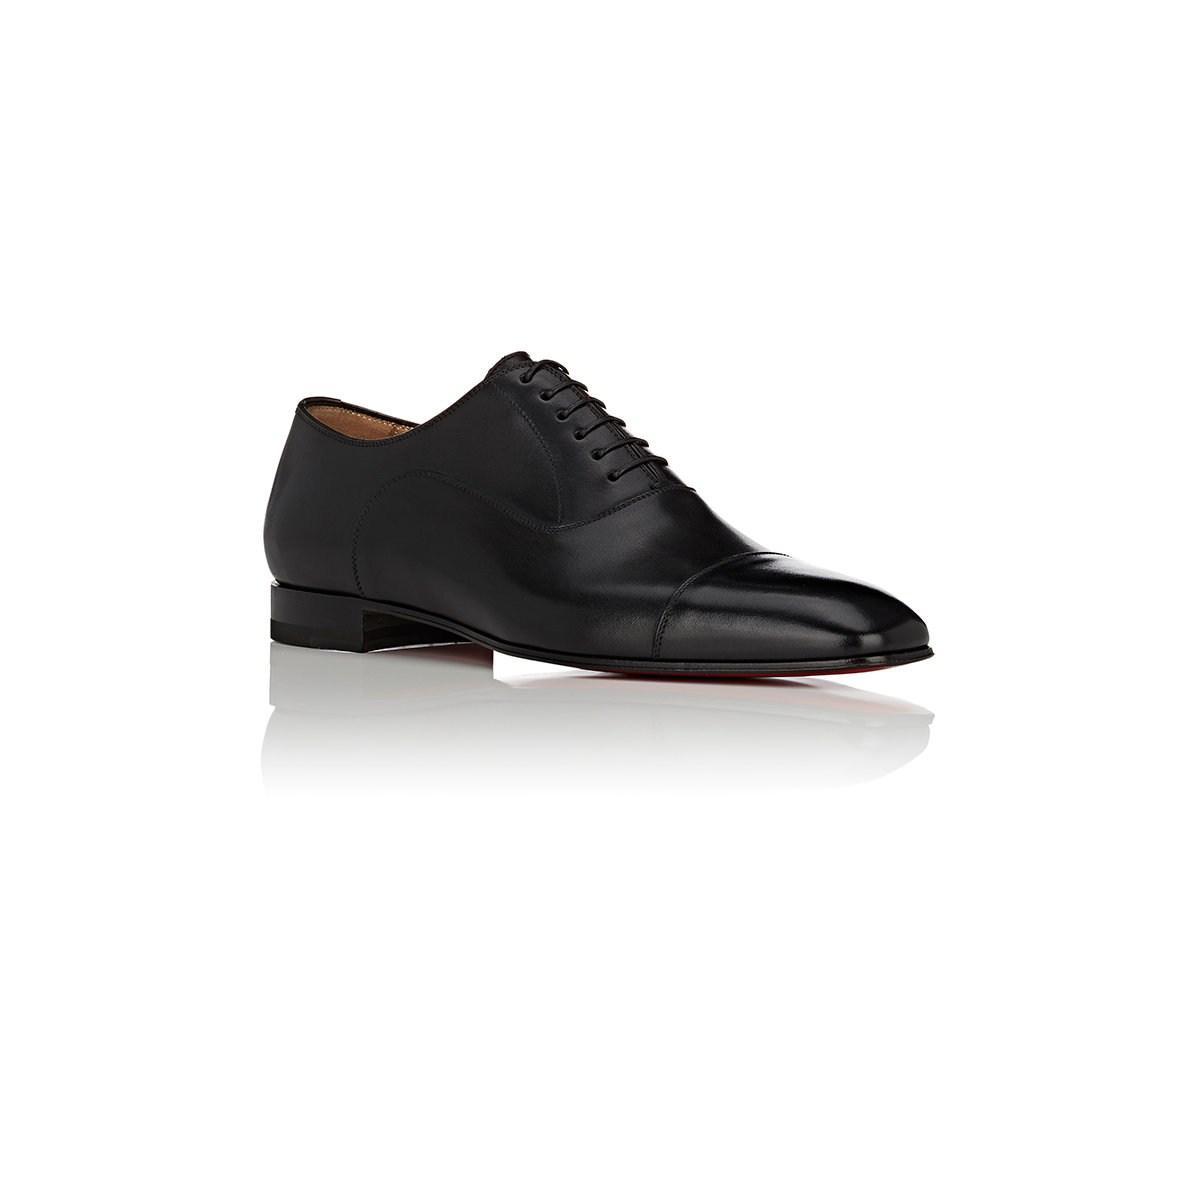 fde2209e86e Lyst - Christian Louboutin Greggo Leather Balmorals in Black for Men